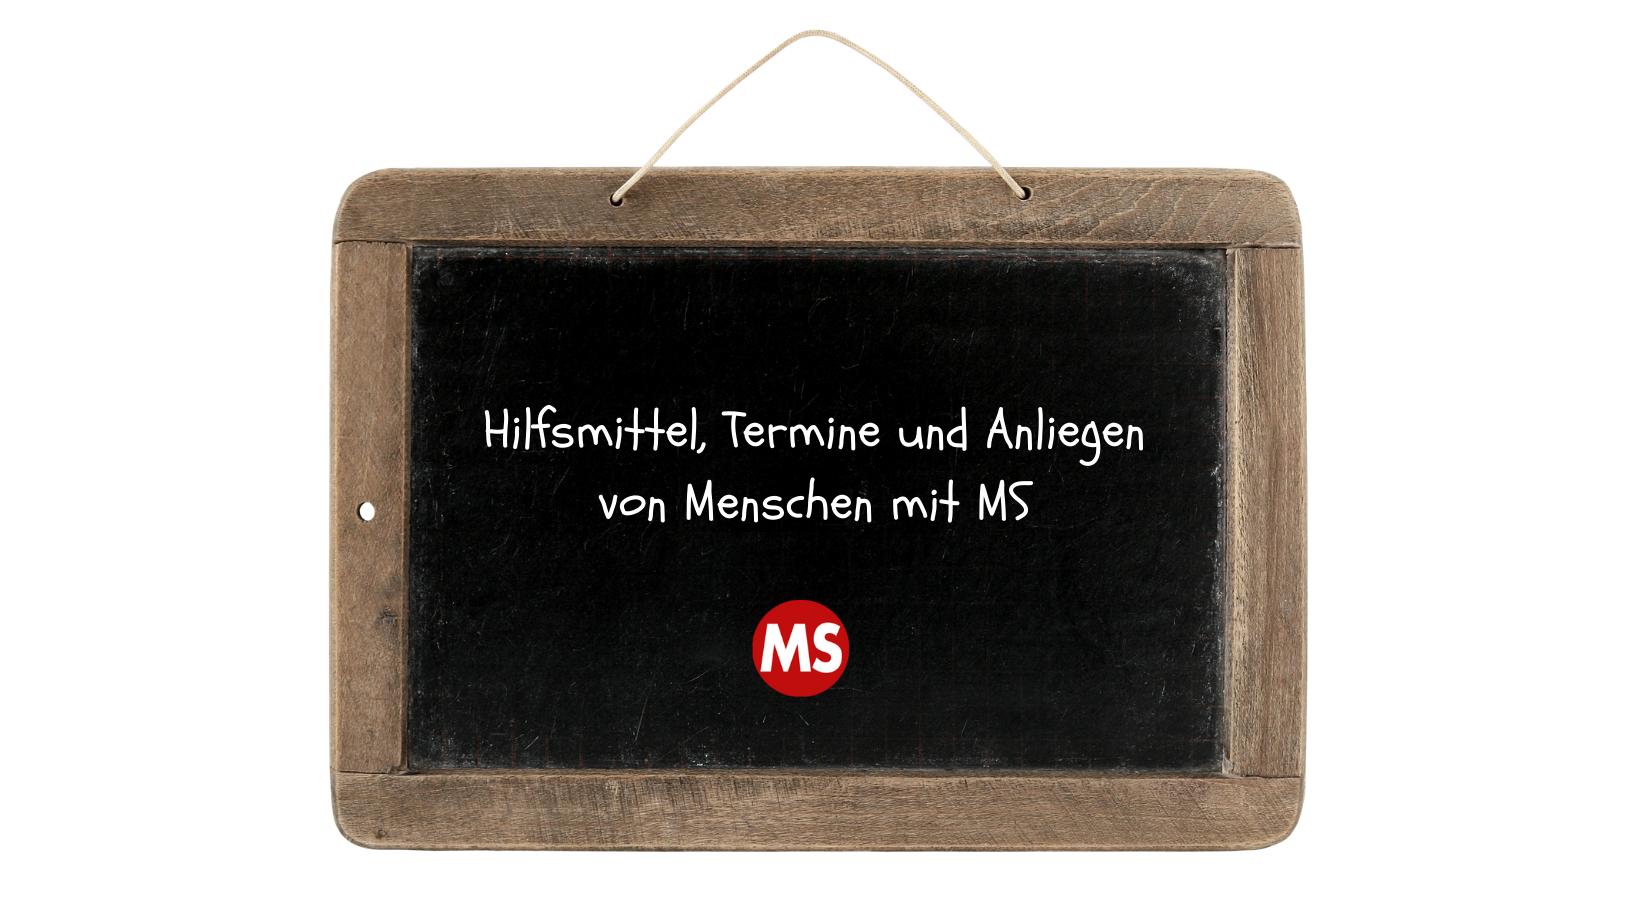 Schwarze Tafel. Aufschrift: Hilfsmittel, Termine und Anliegen von Menschen mit MS. Credit: Canva